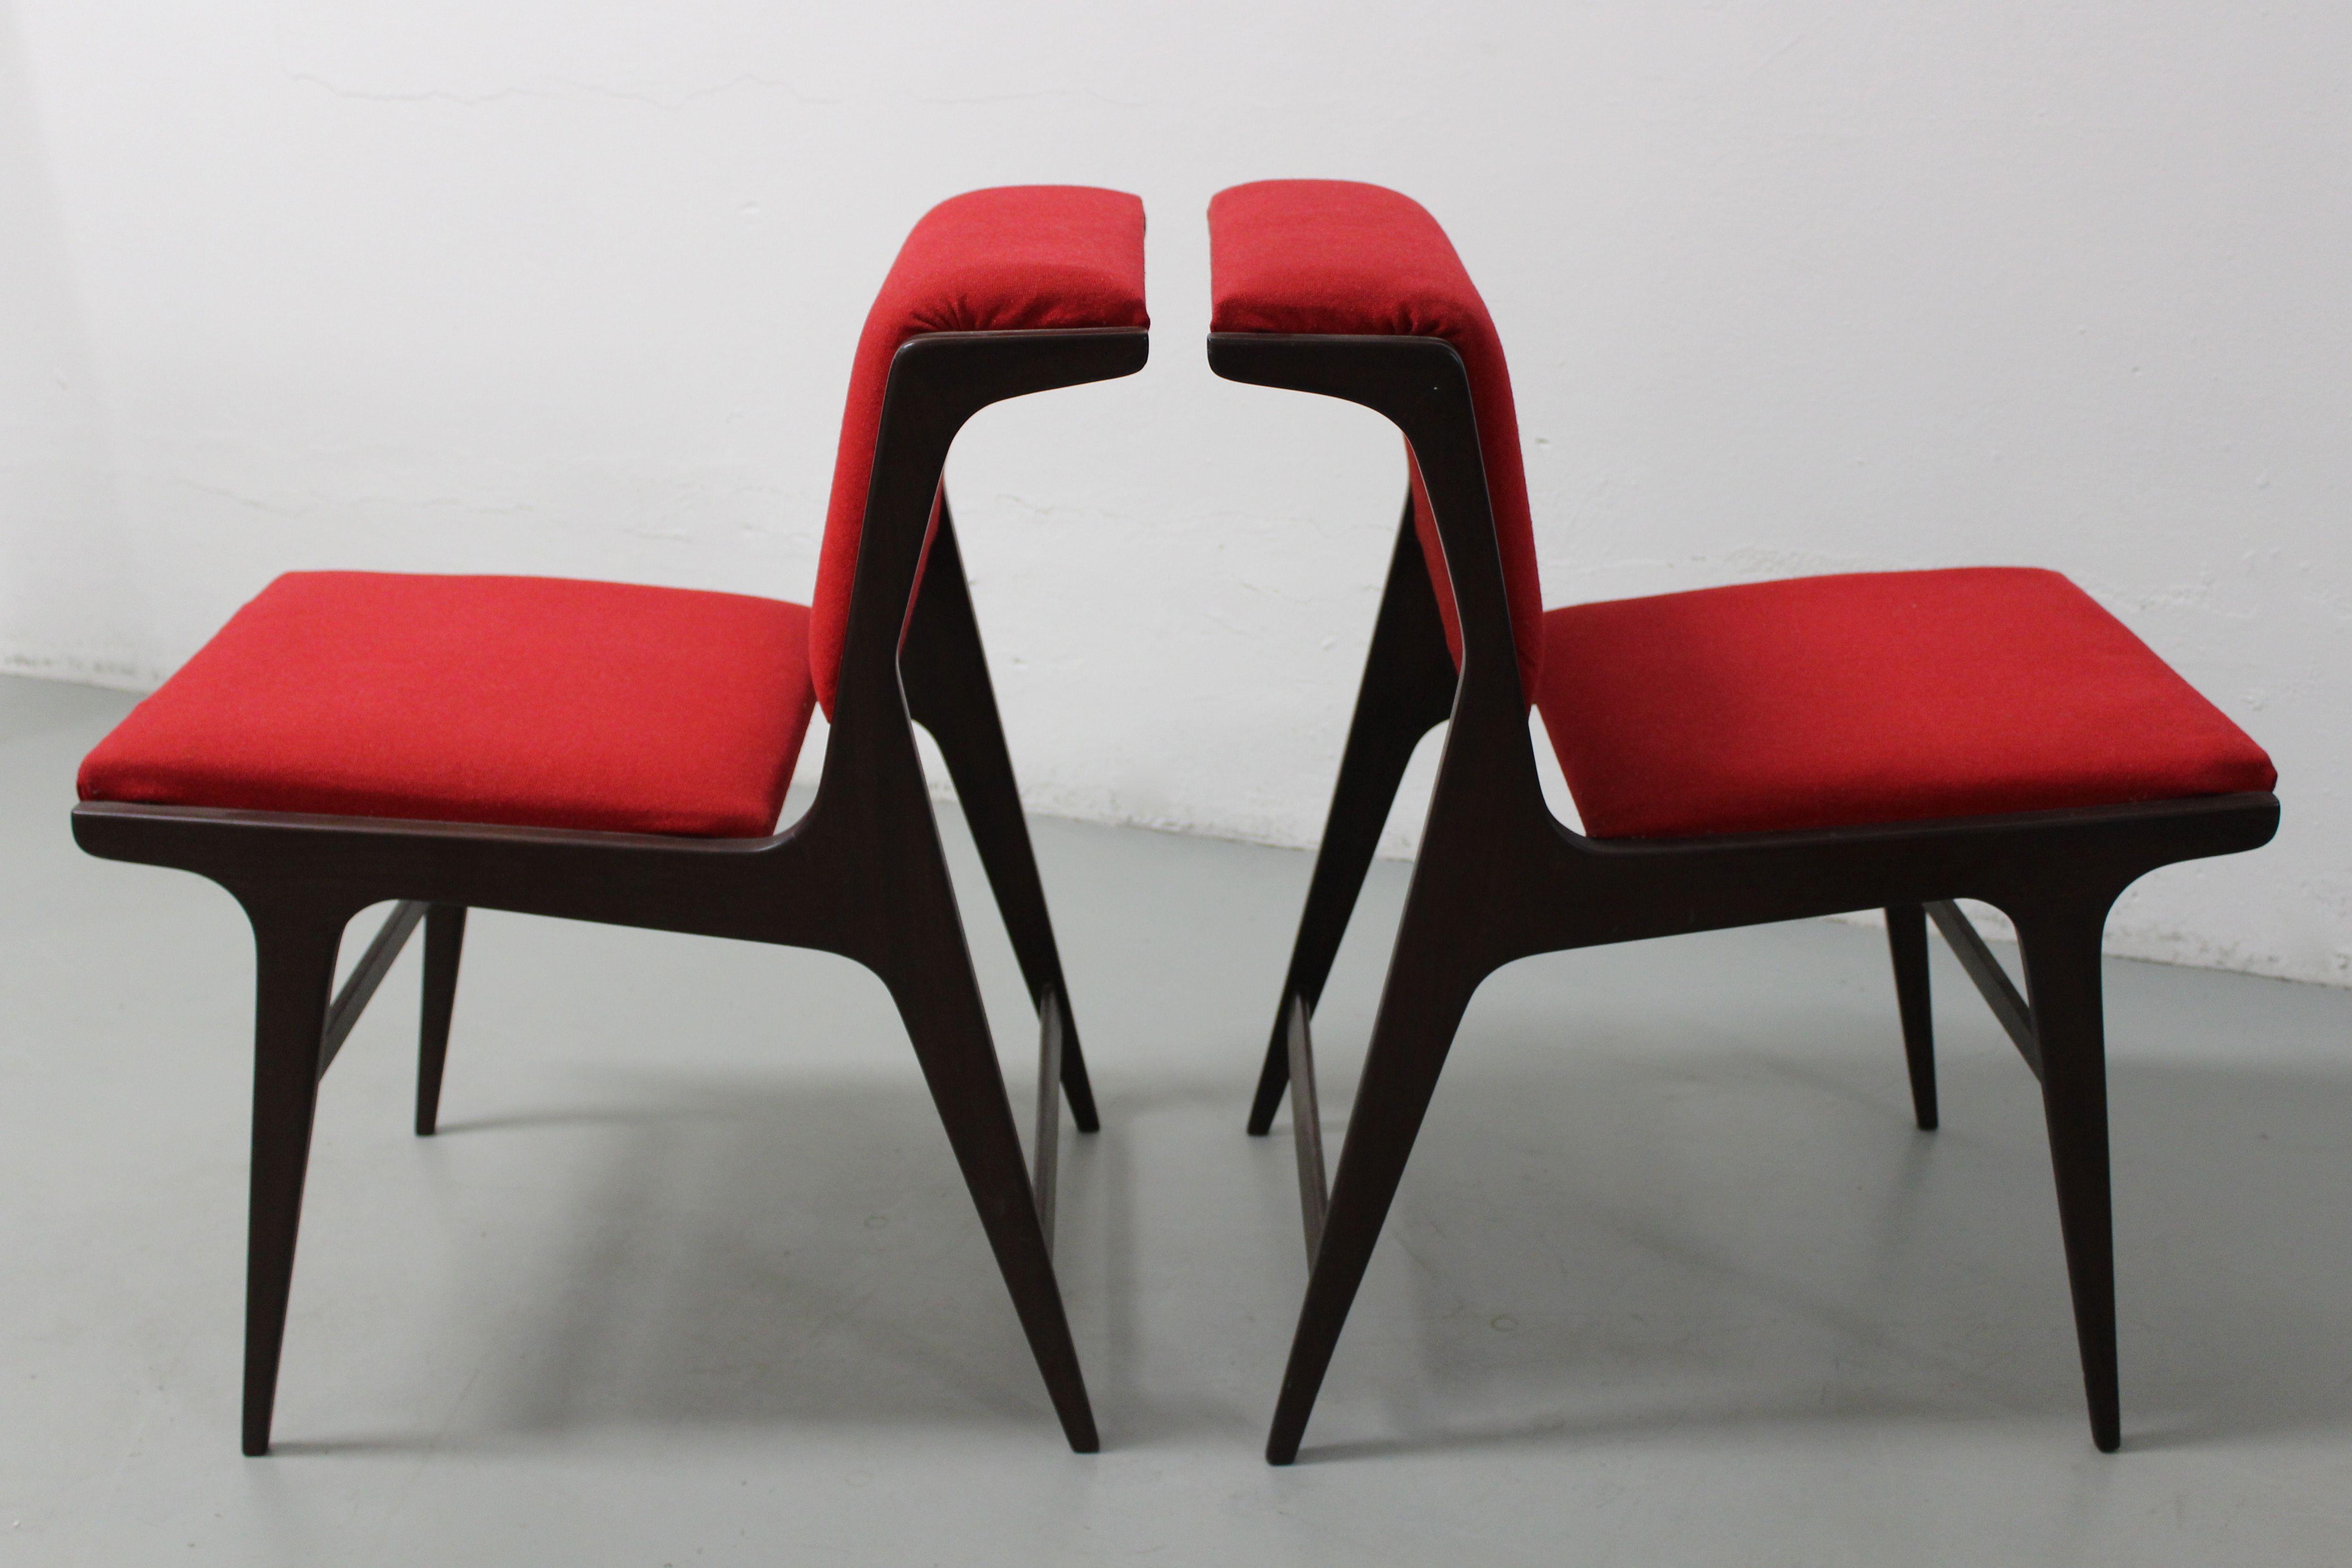 Sedie Jacobsen ~ 4 sedie eugenia alberti reggio produzione isa anni 60